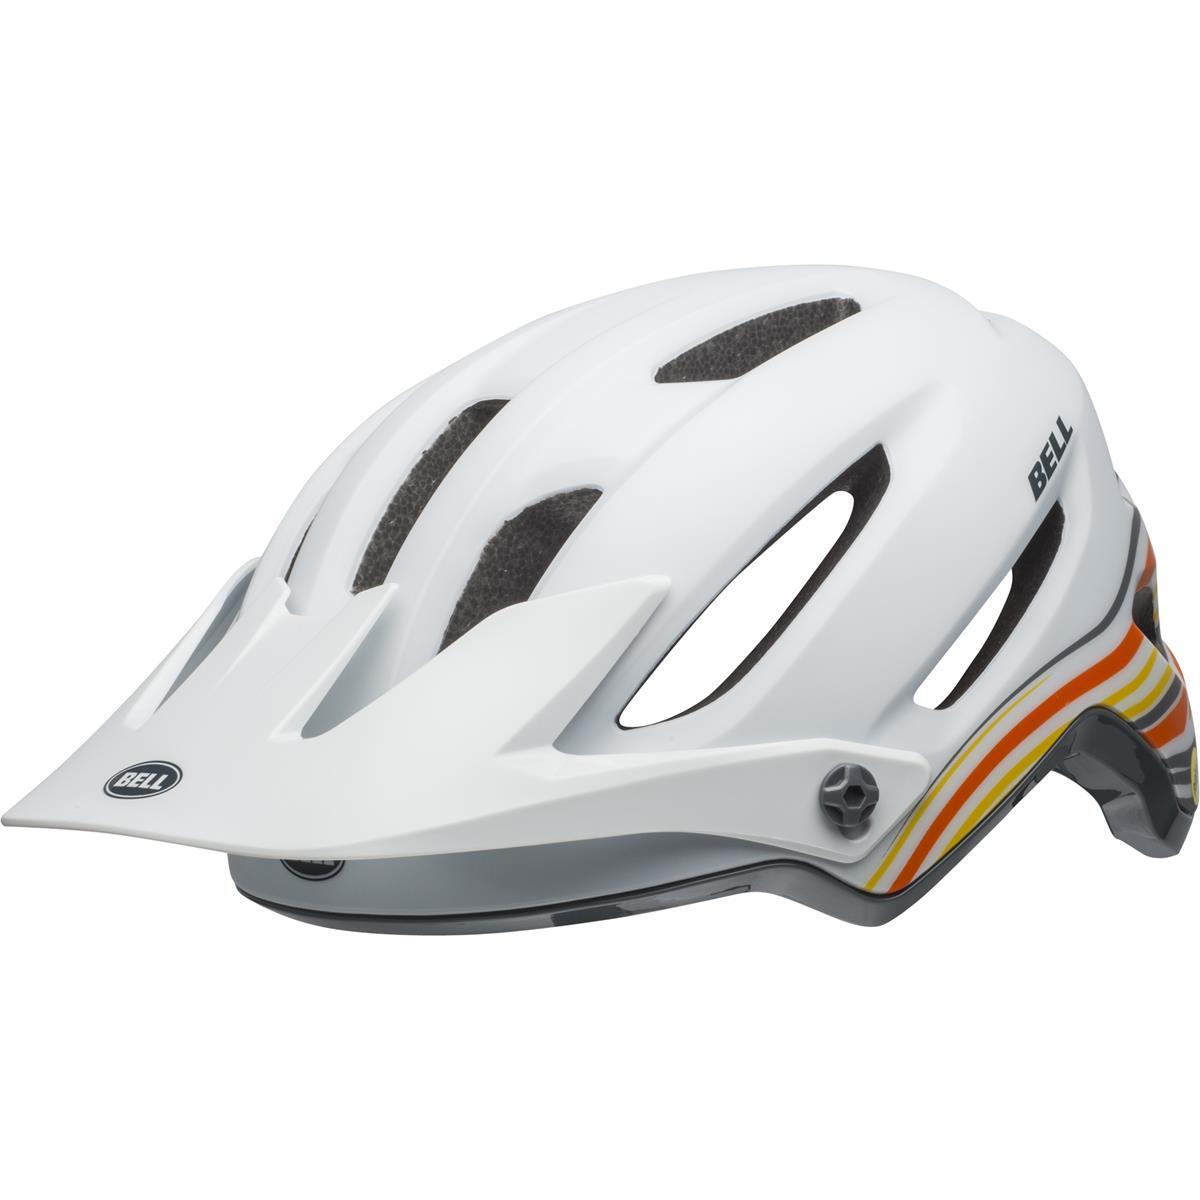 Bell Enduro-MTB Helm 4Forty MIPS Rush - Matt/Gloss Weiß/Orange